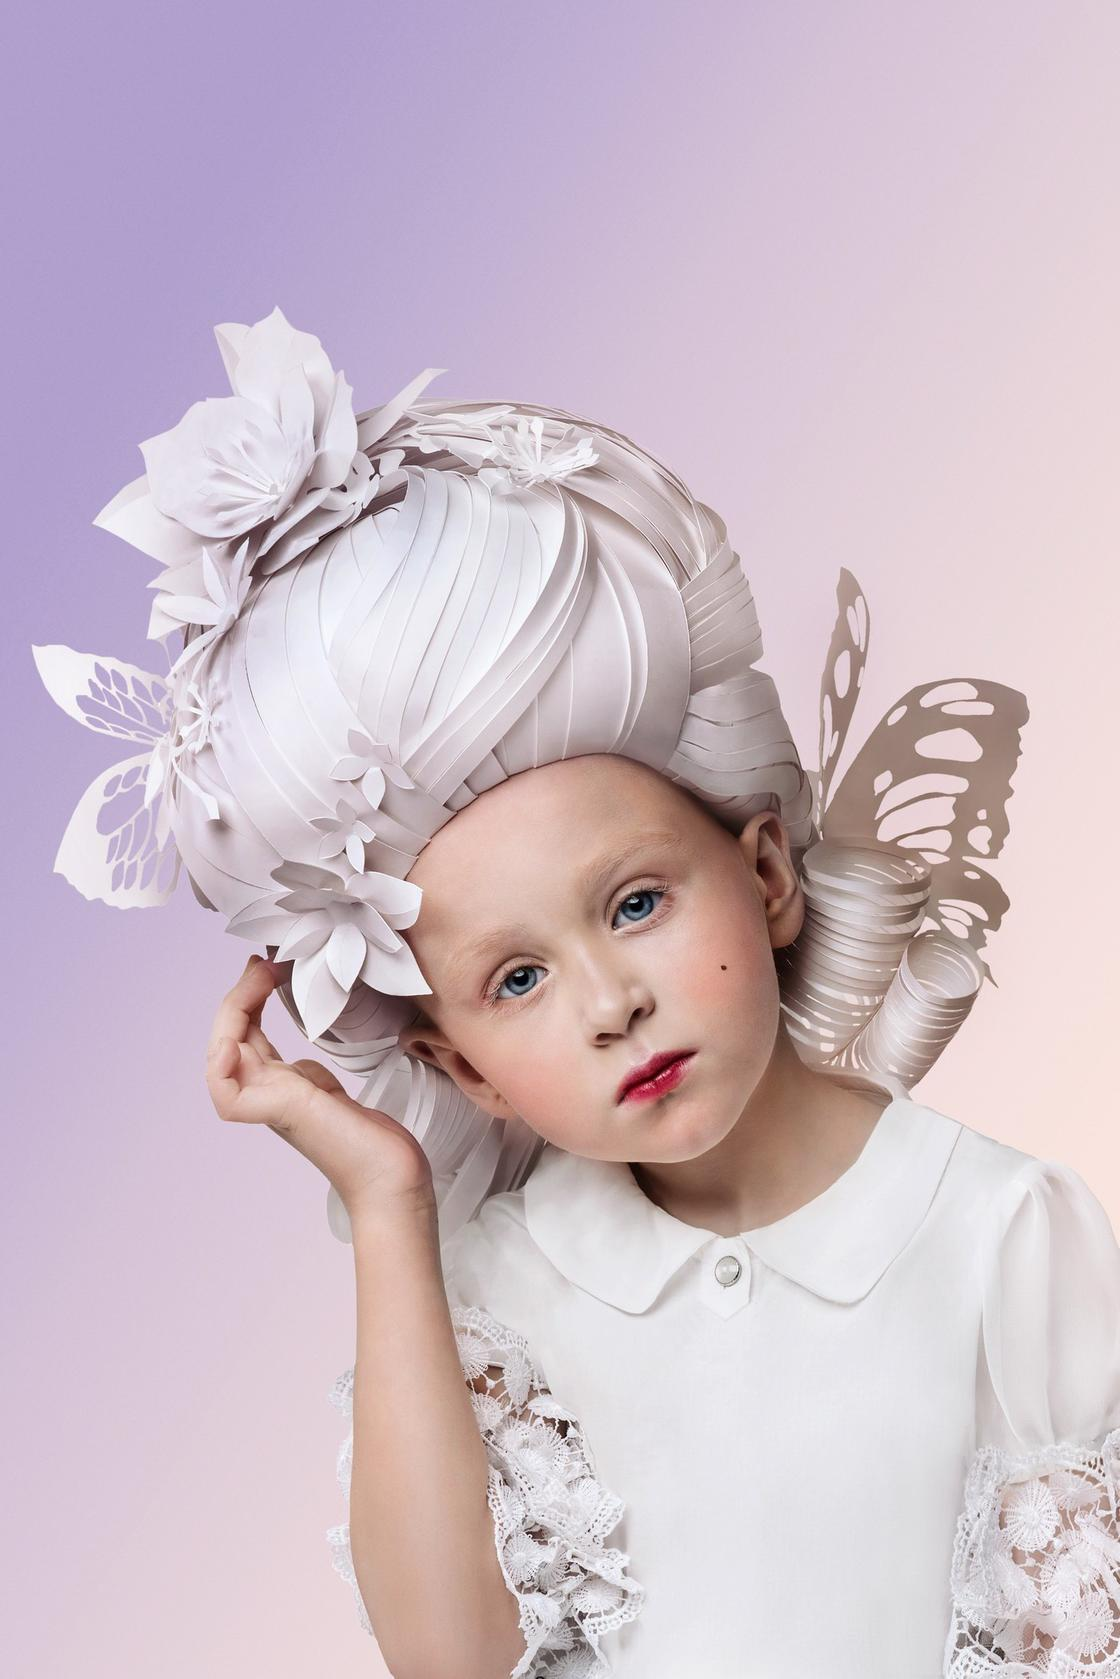 fashion-paper-asya-kozina-1.jpg